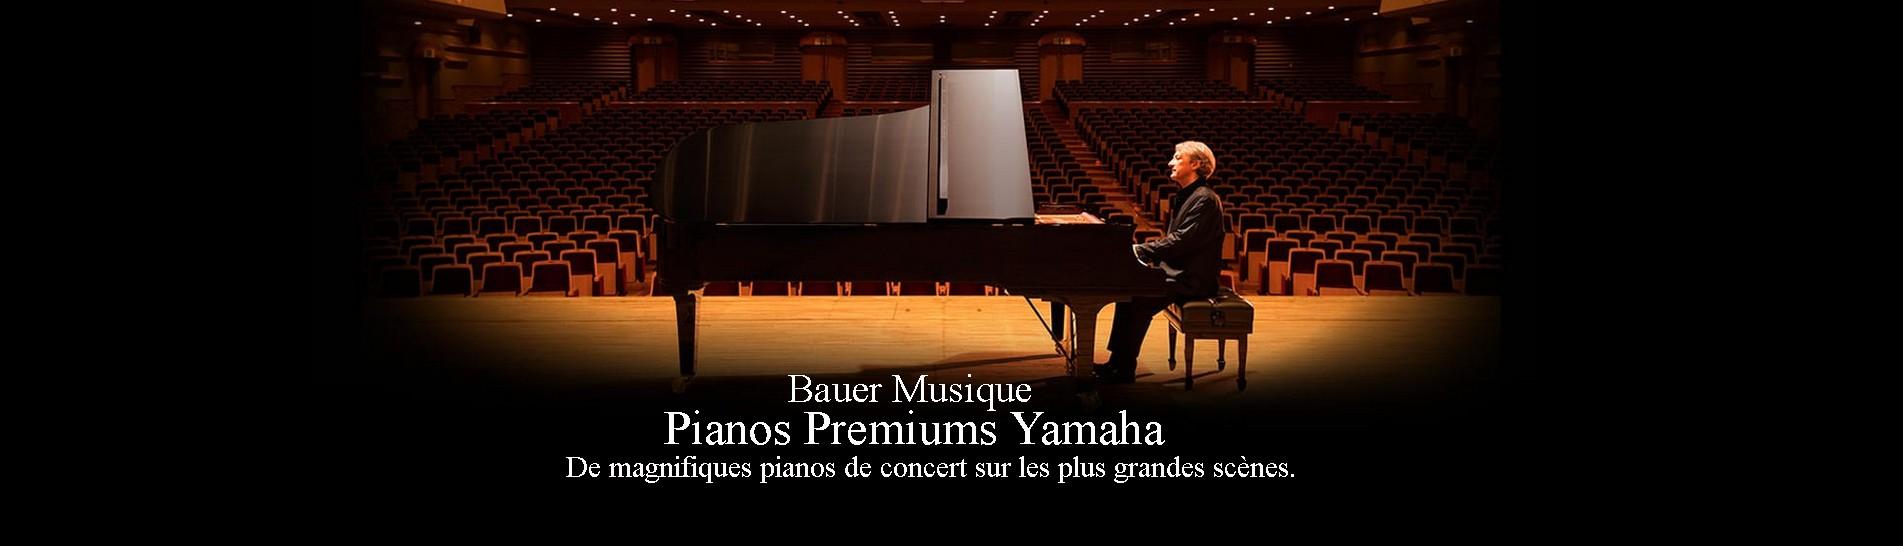 bauer musique magasin de musique premiums pianos Yamaha